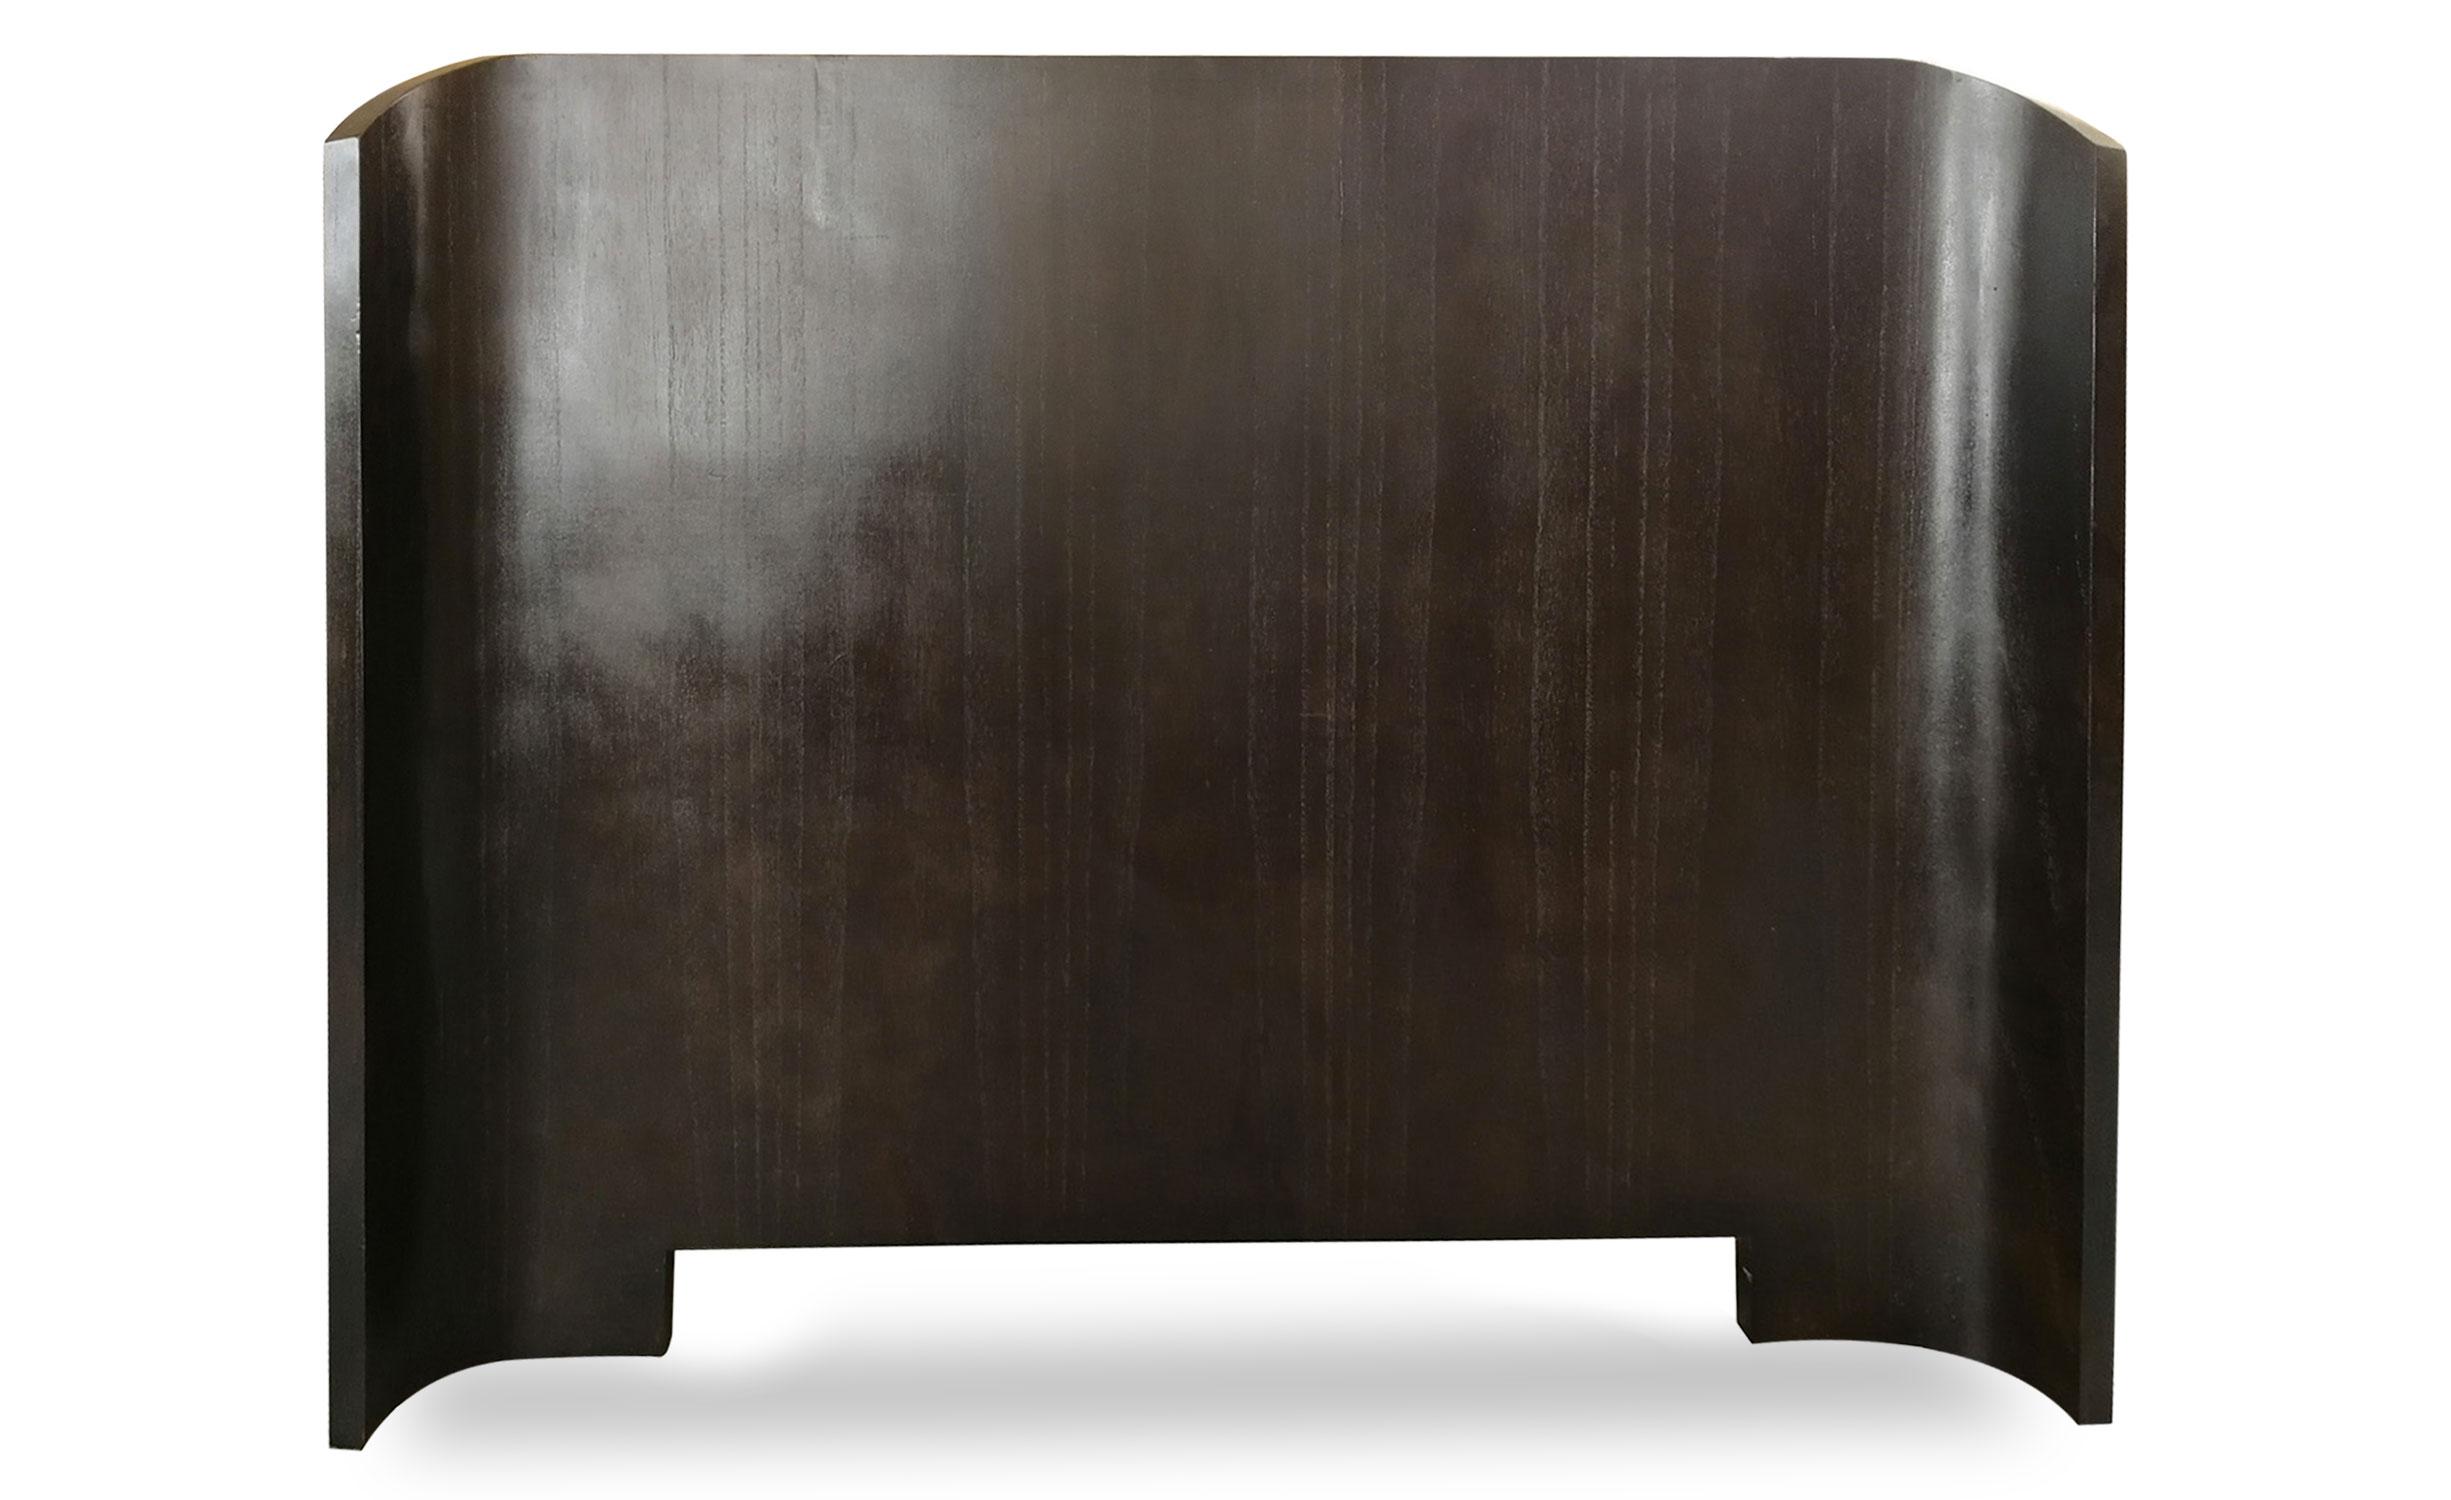 Tête de lit Mahuva 140cm Bois foncé